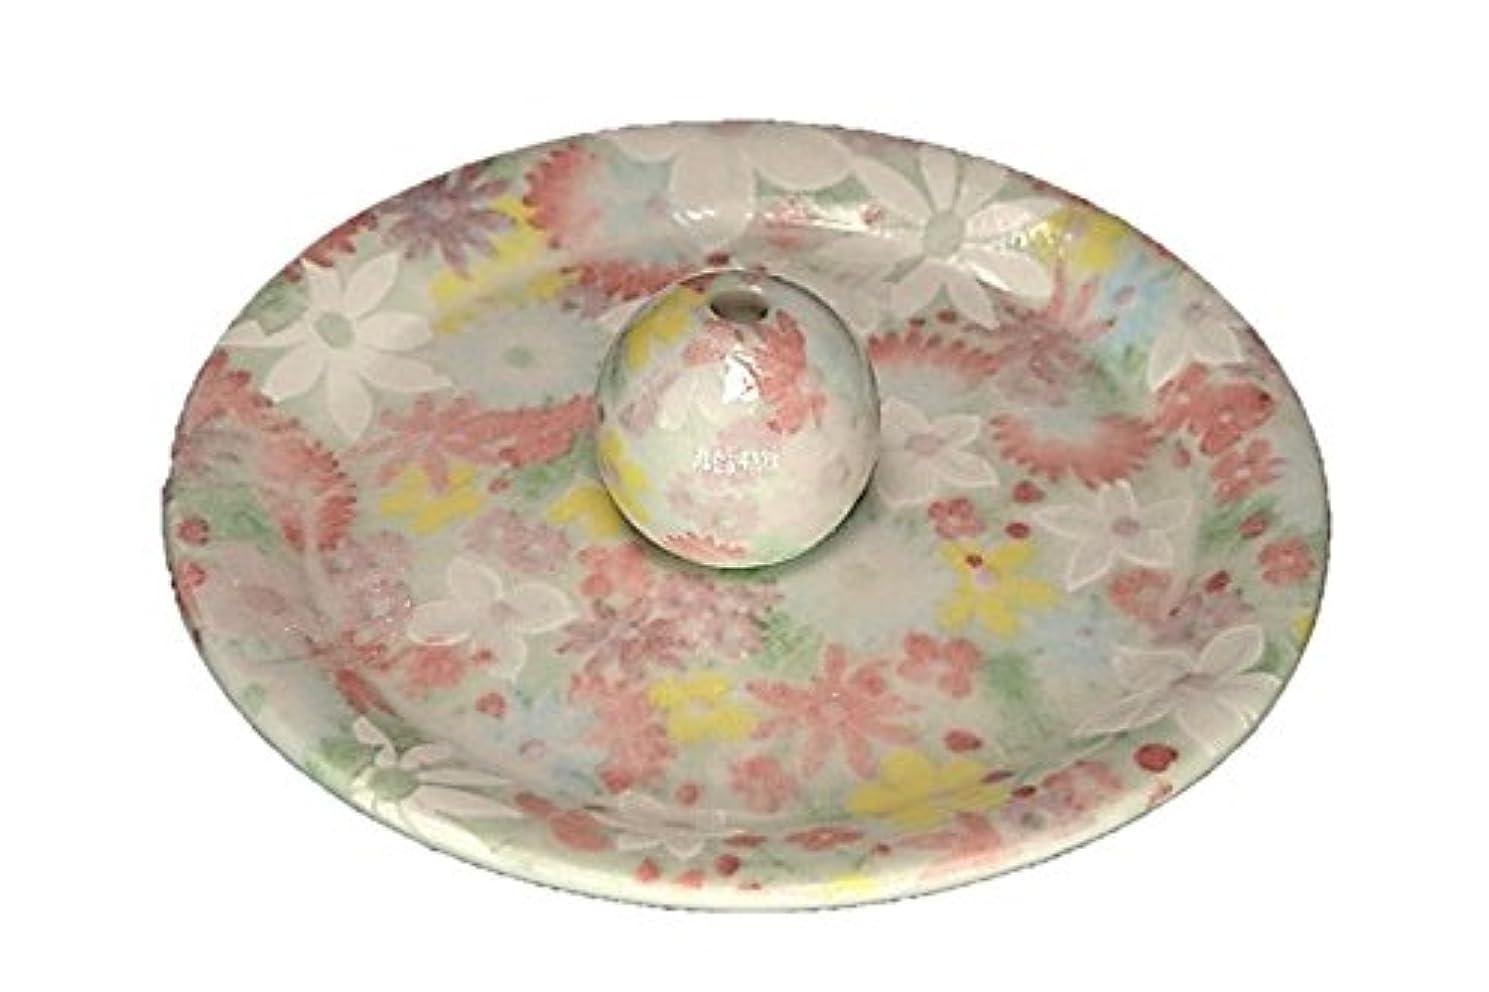 経由で子孫エンディング9-38 華苑 9cm香皿 お香立て お香たて 陶器 日本製 製造?直売品